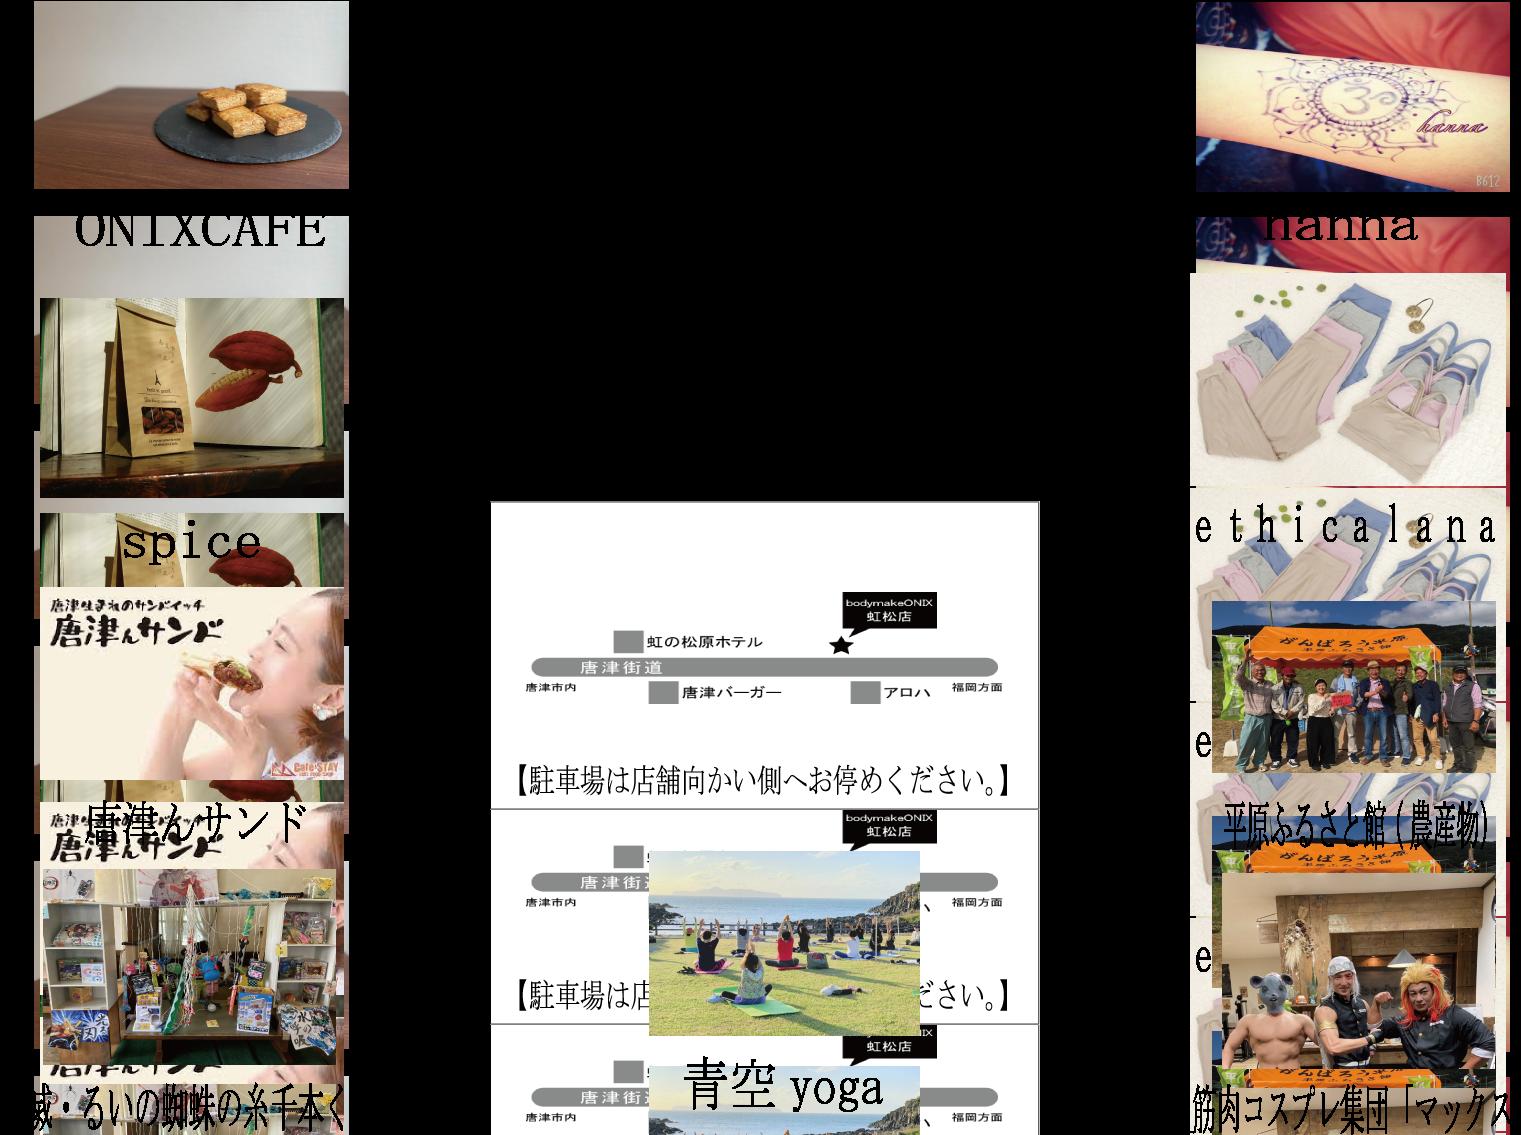 虹マルシェチラシ裏 - コピー